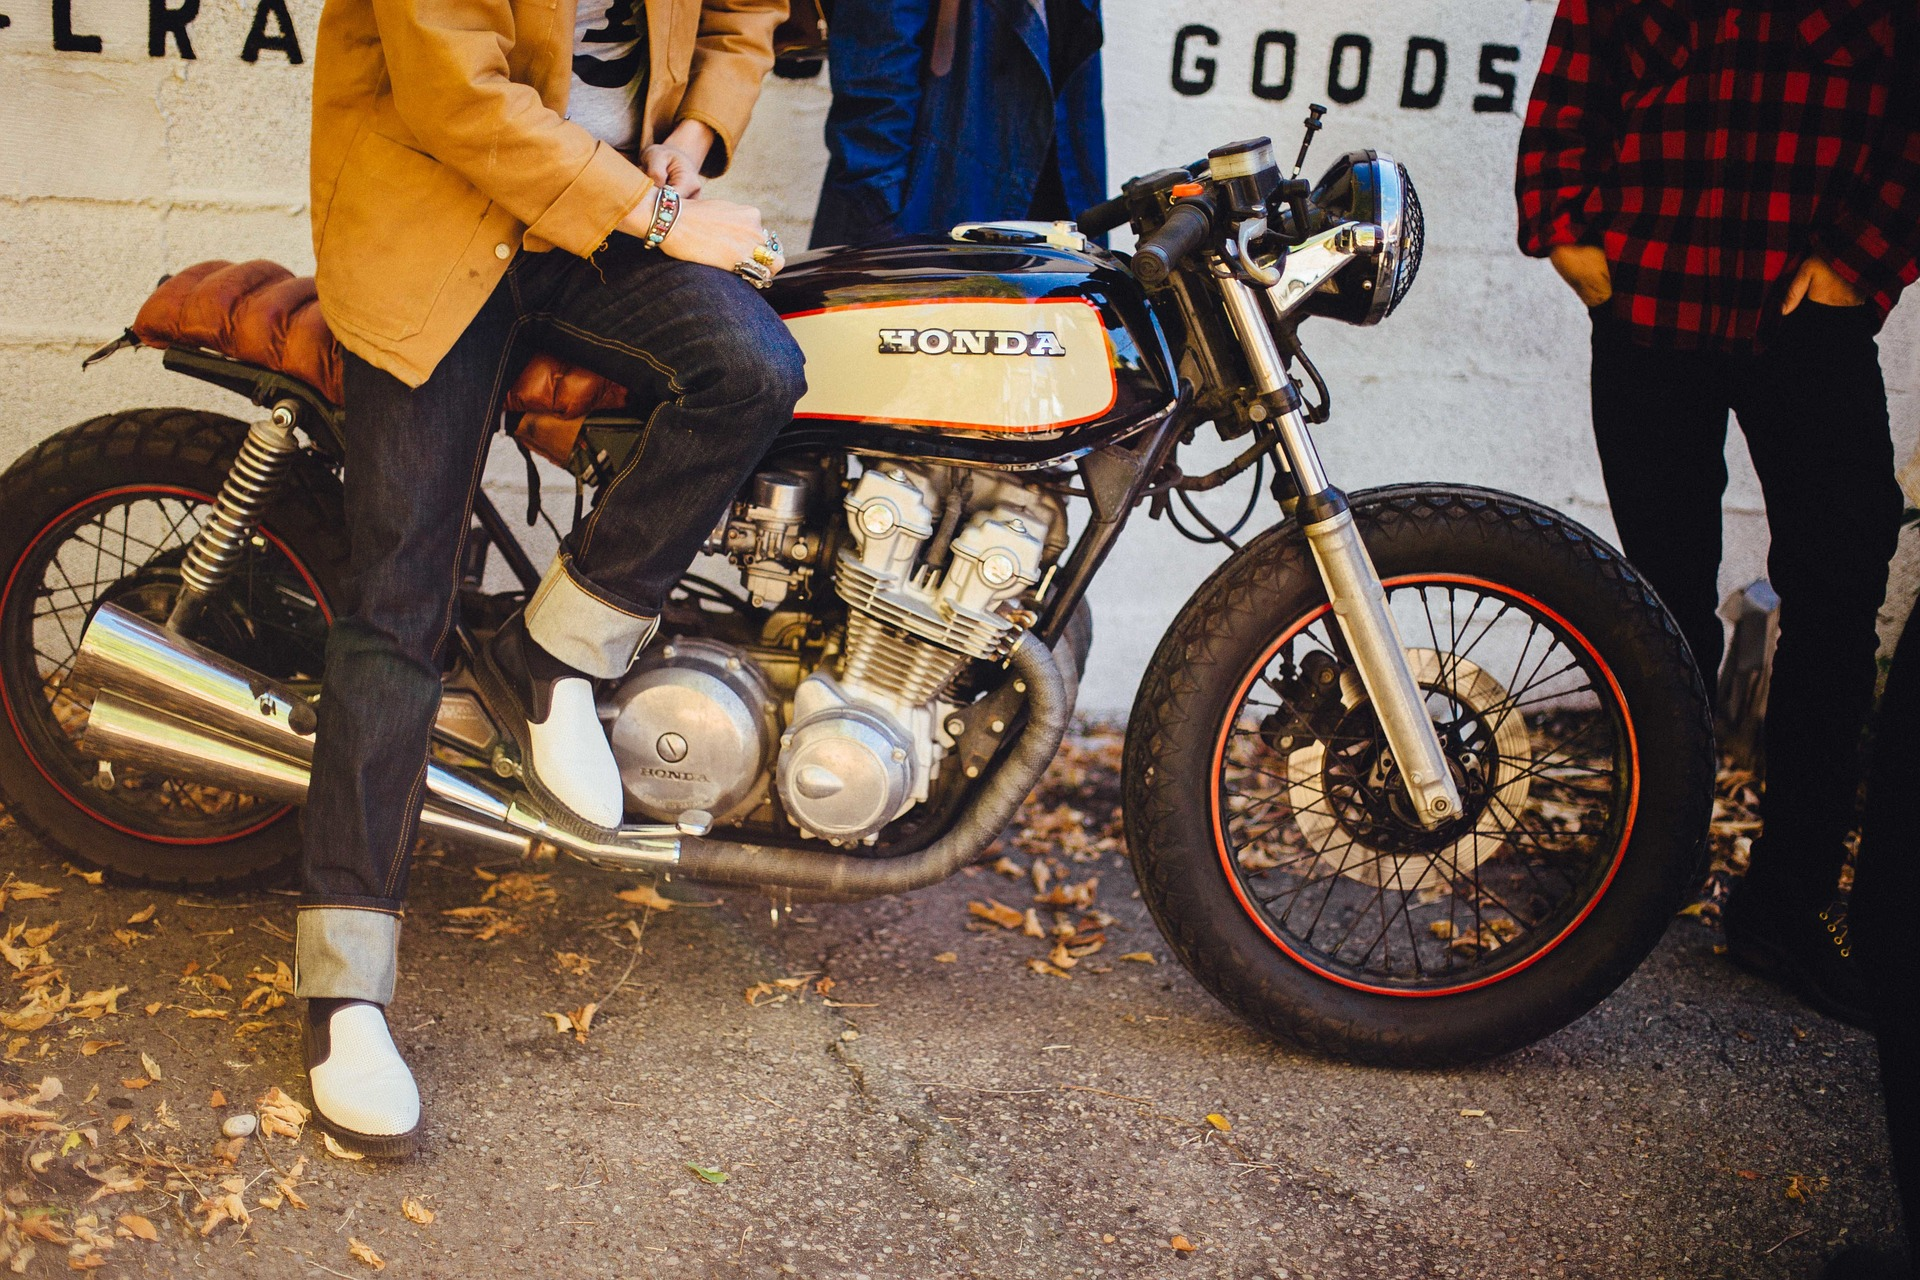 Køb en caferacer motorcykel med et gratis lån